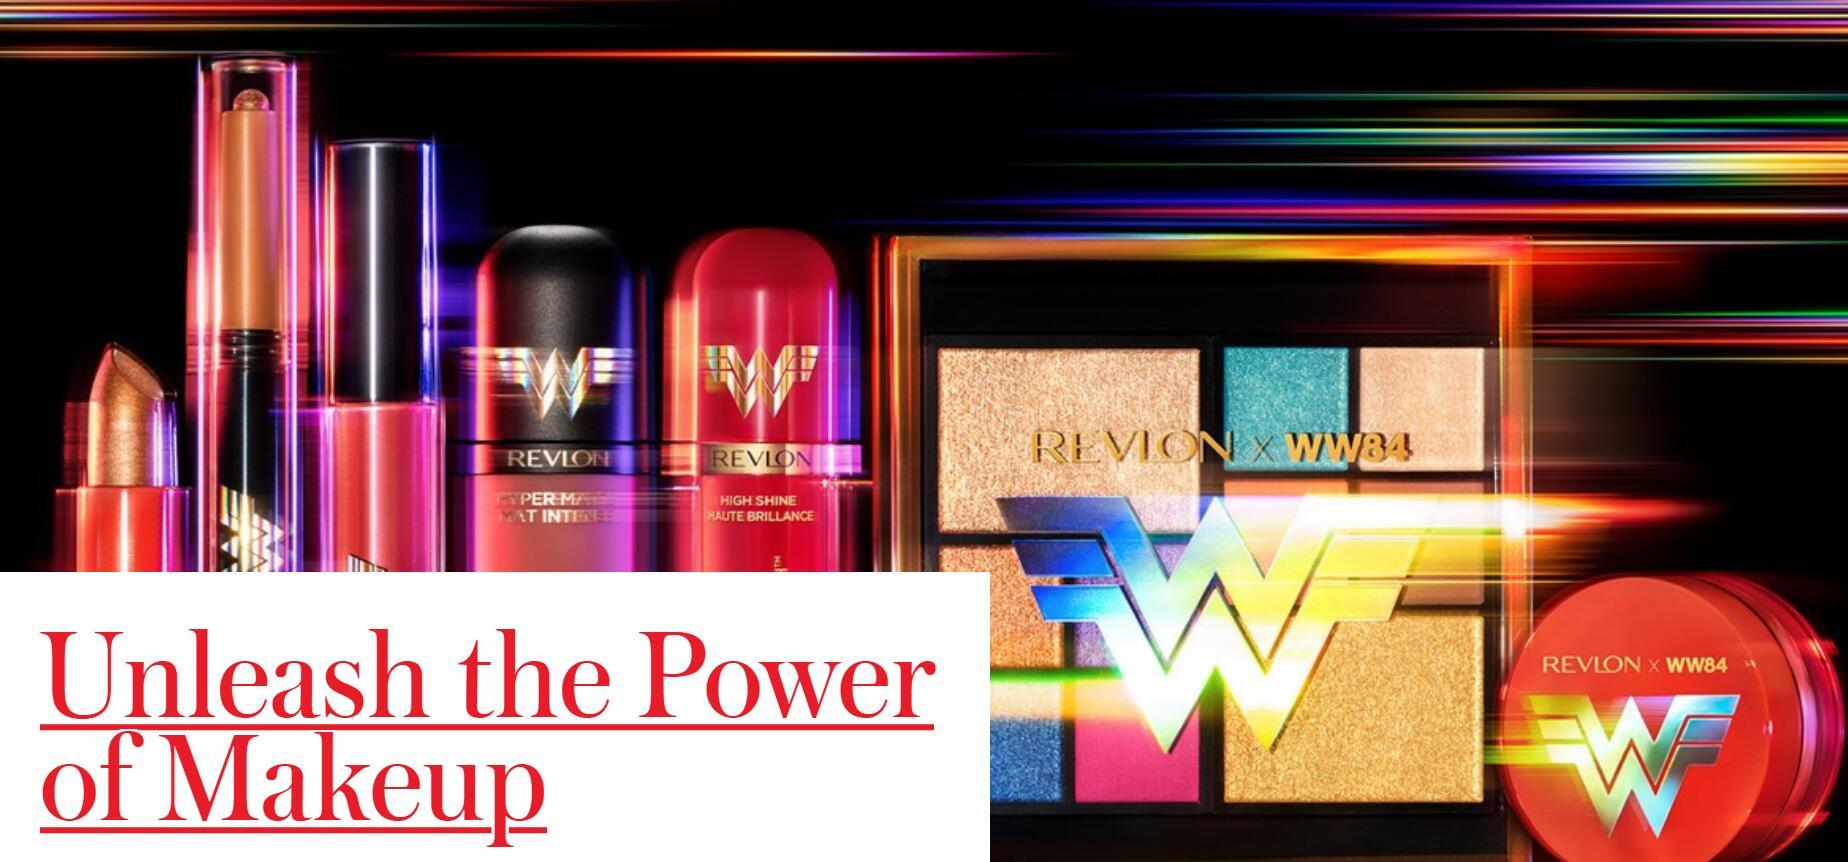 LVMH集团大公子:未来,奢侈品行业的豪华时装秀将会减少